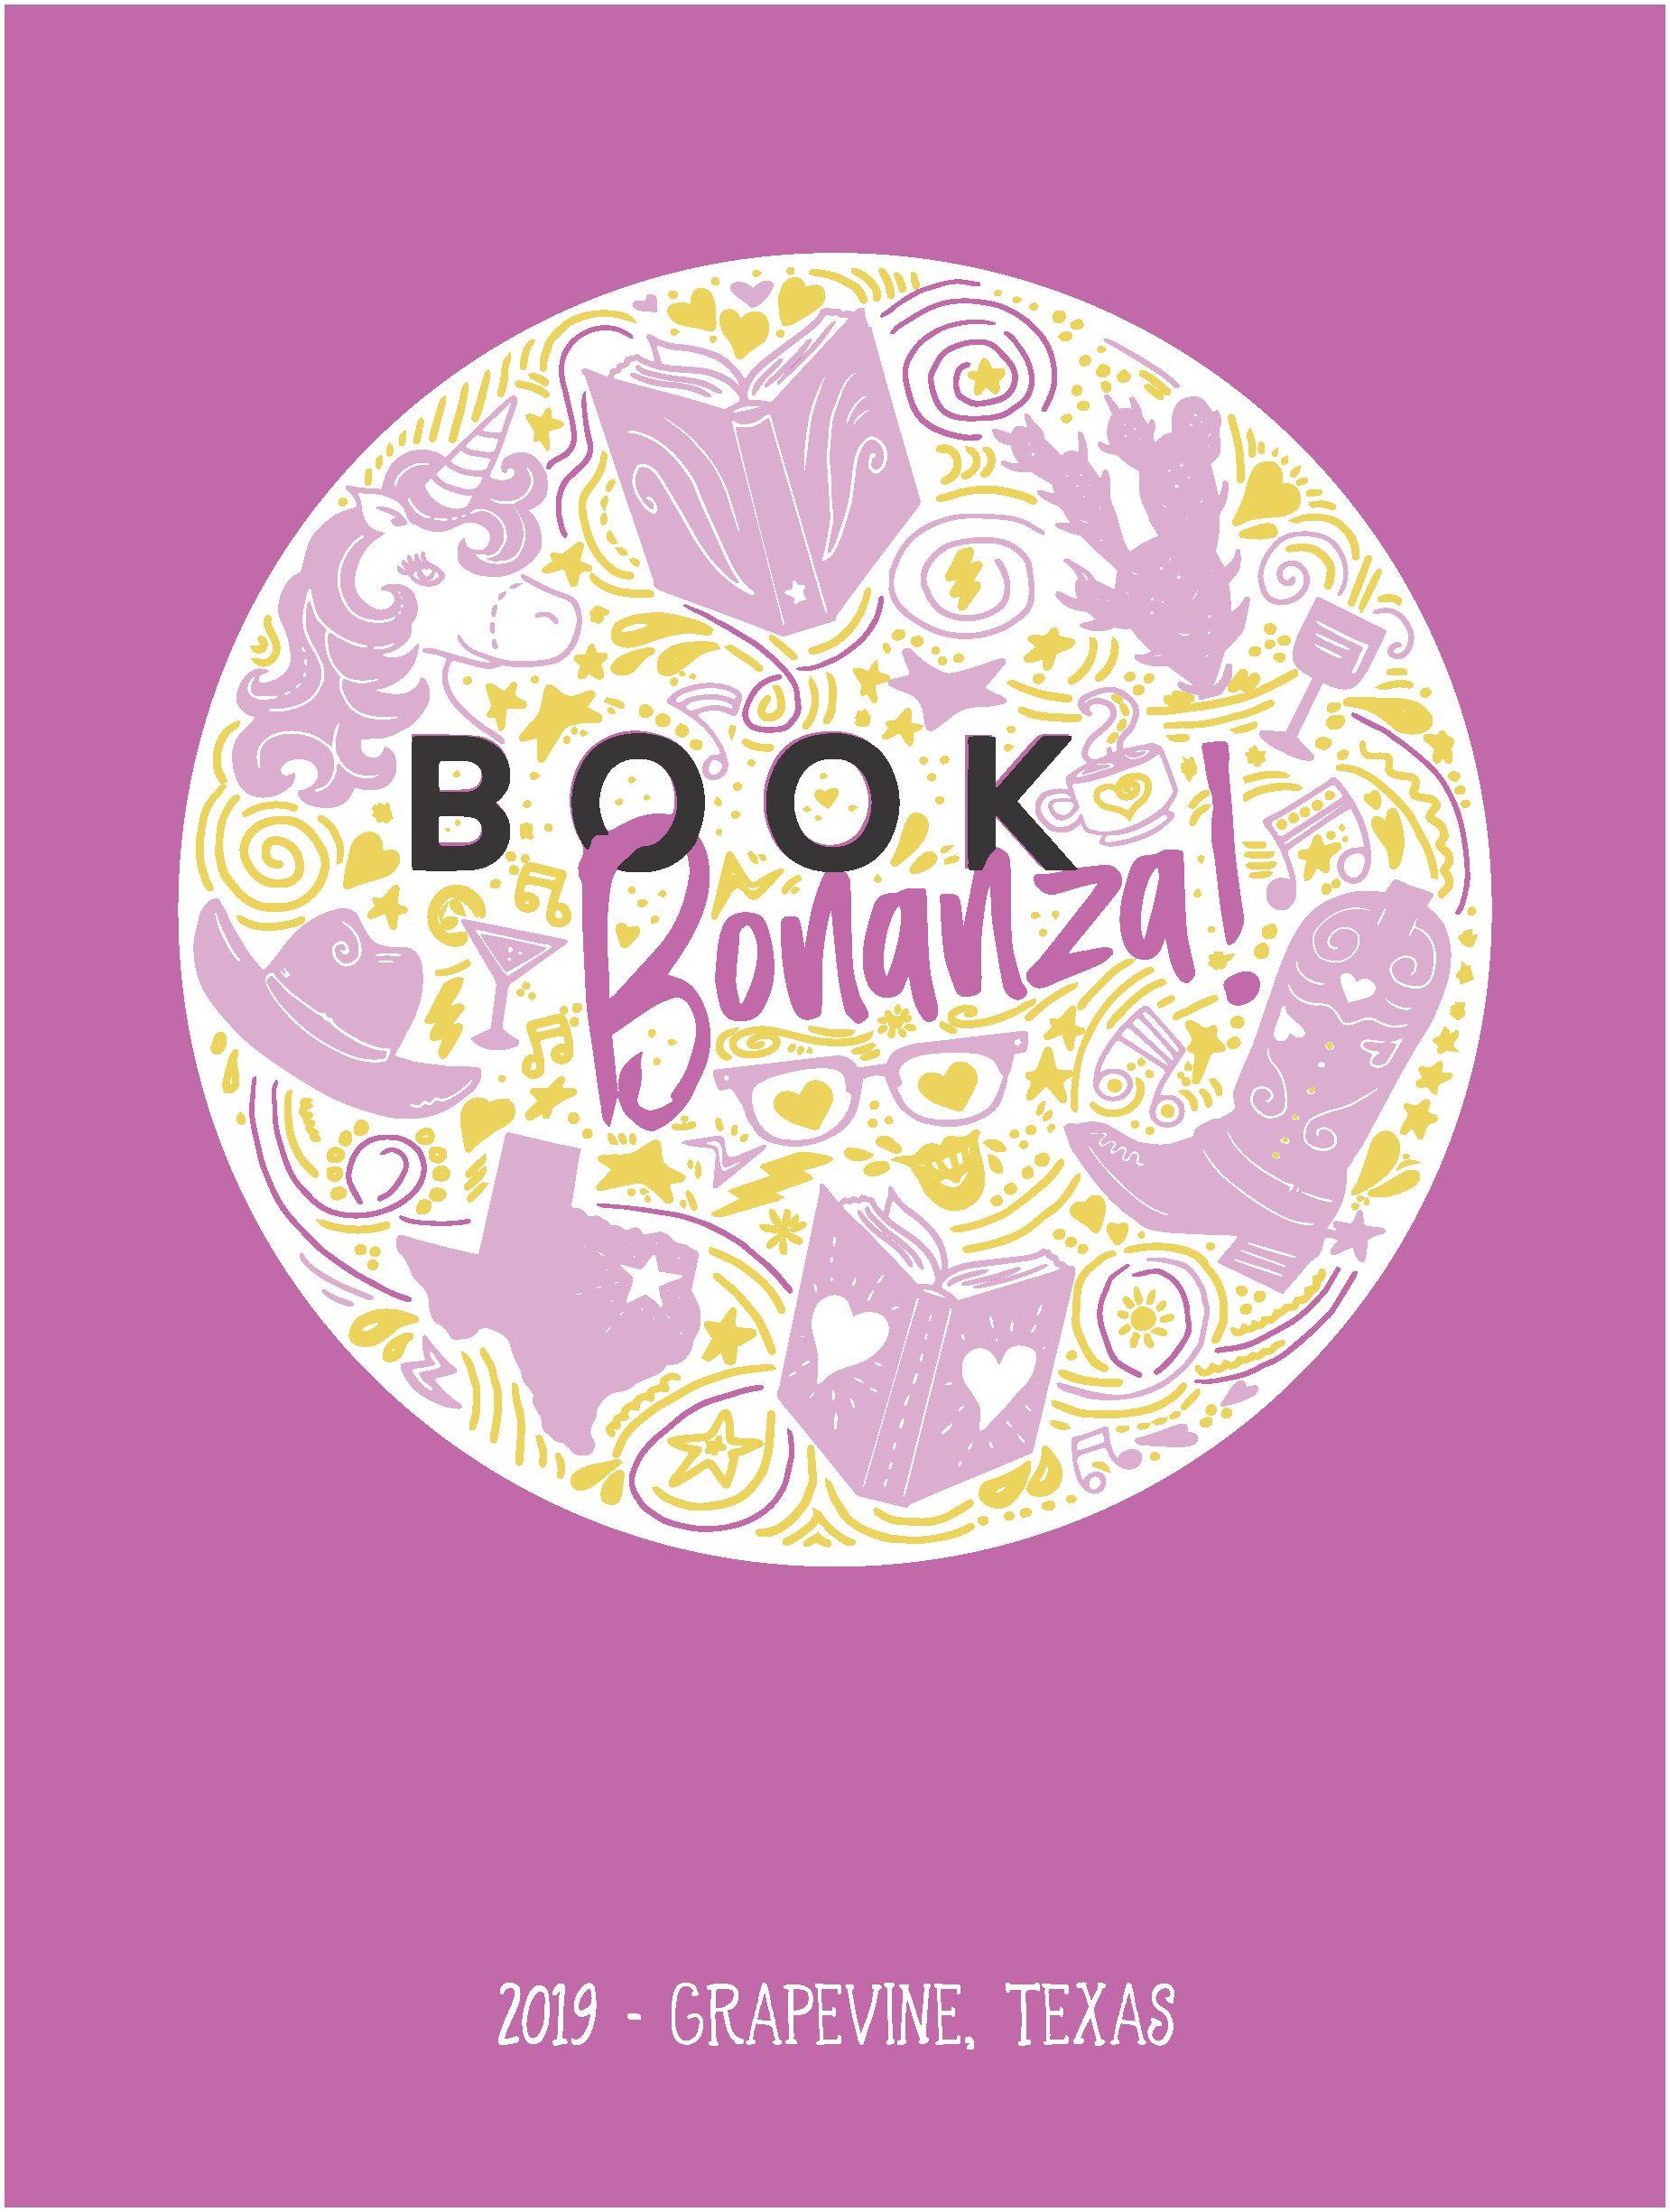 Book Bonanza 2019 68 Book Bonanza 2019 Poster – Book Bonanza